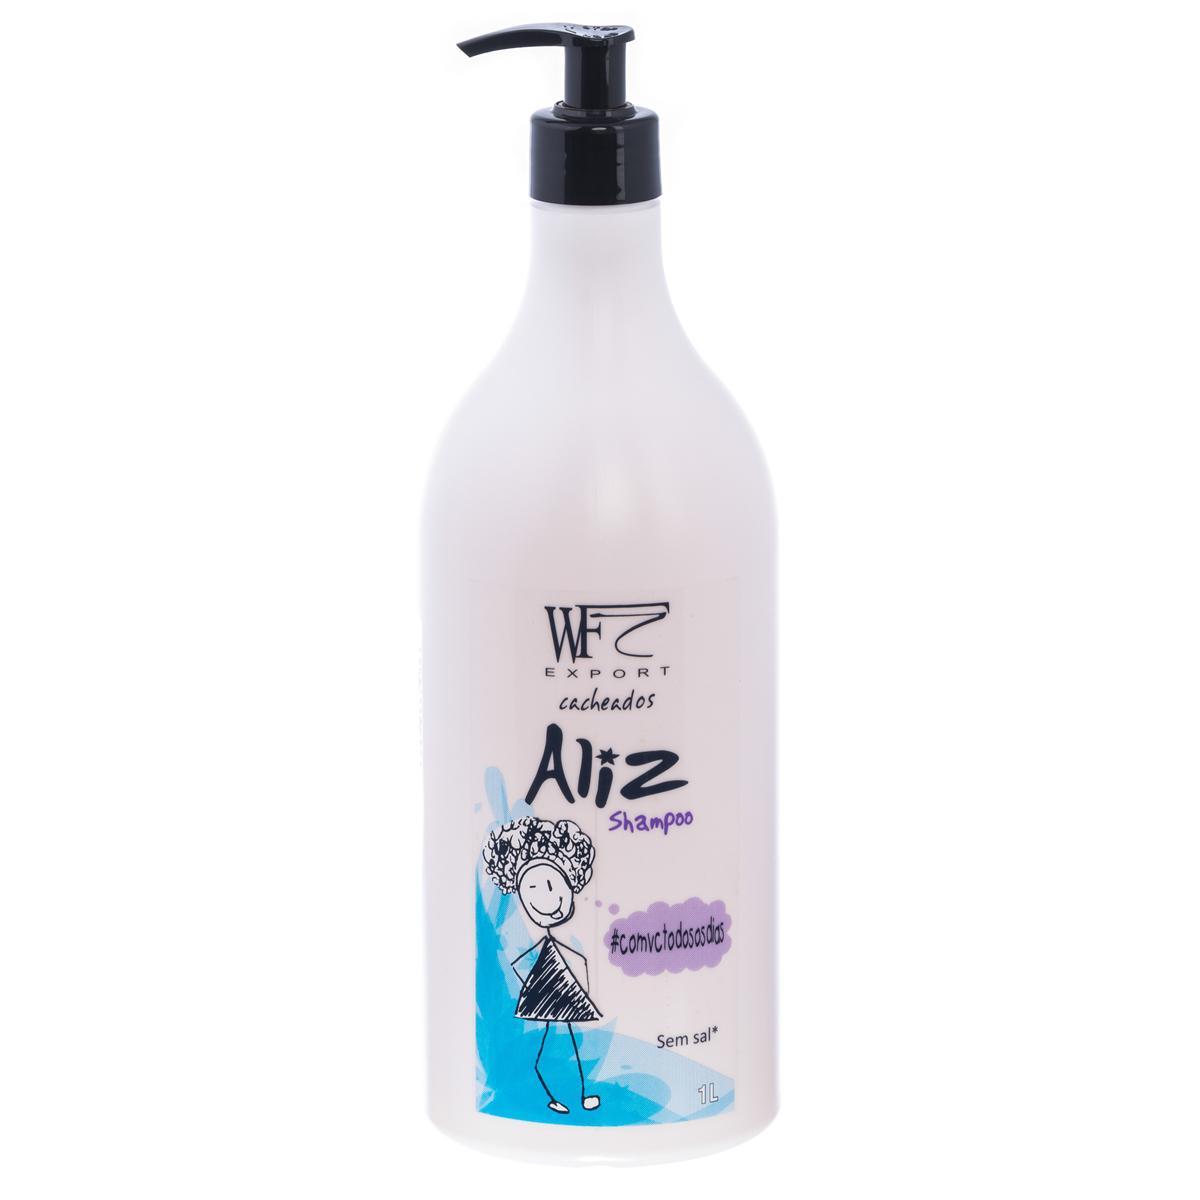 ALIZ - SHAMPOO WF COSMETICOS 1L